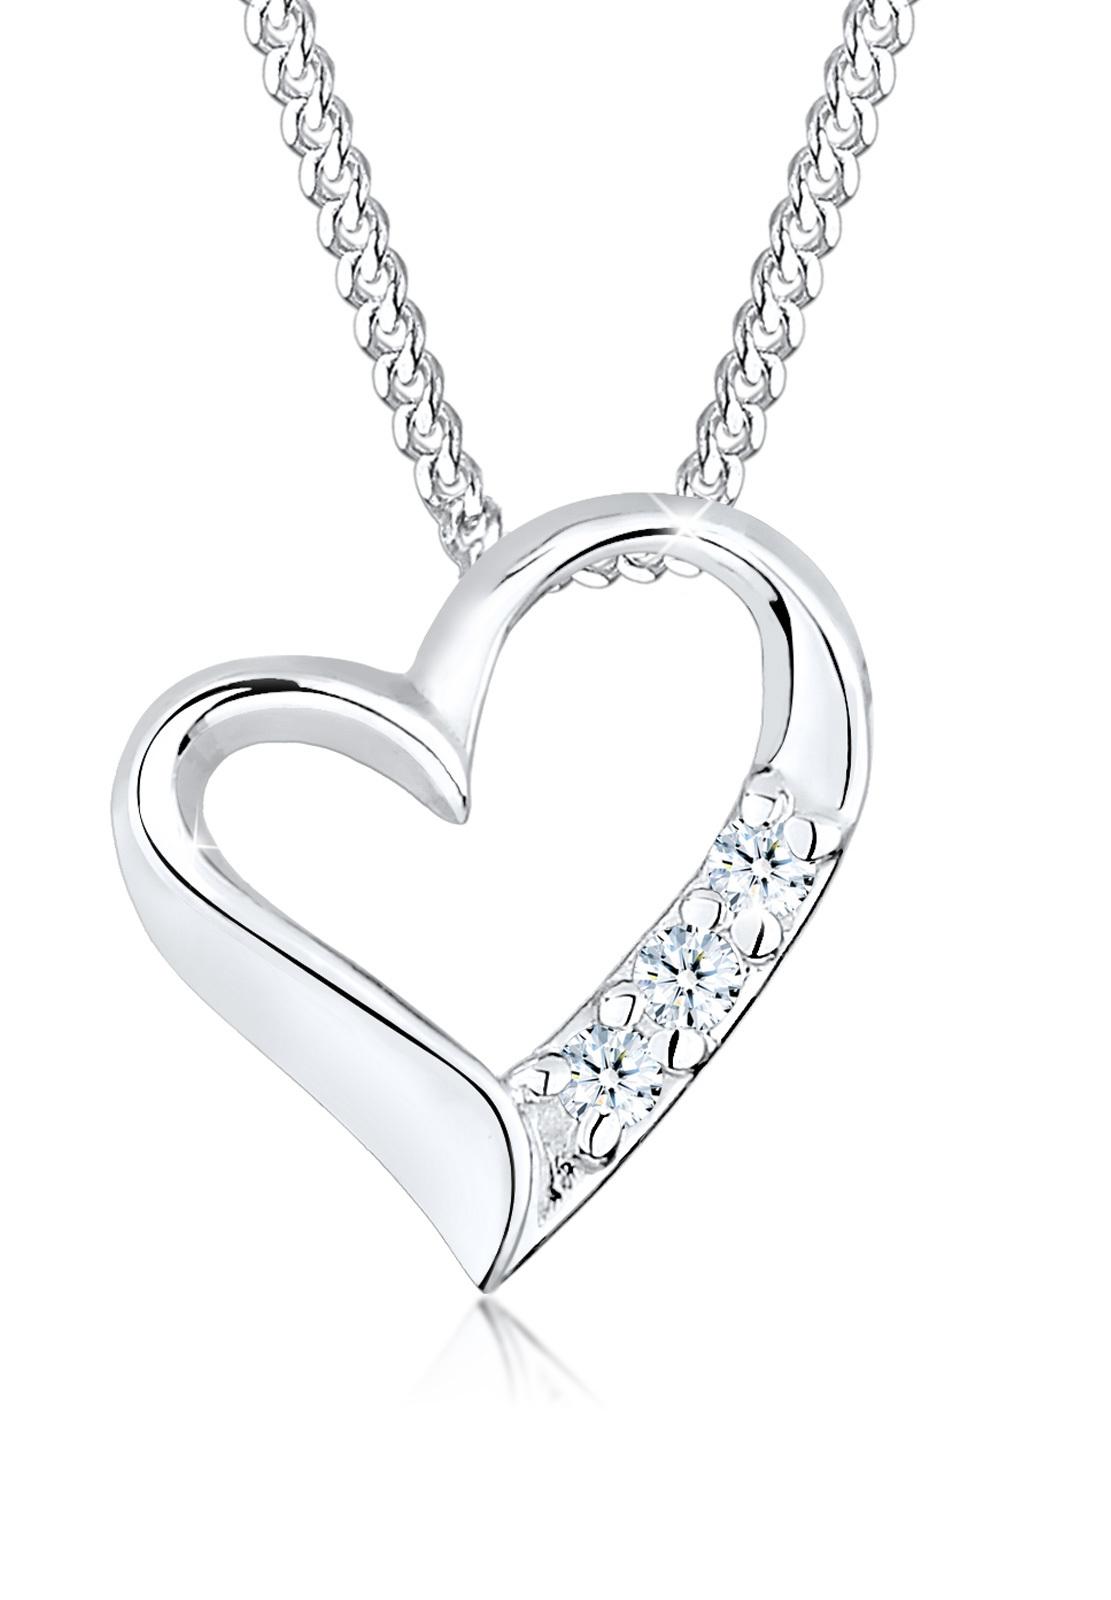 Halskette Herz | Diamant ( Weiß, 0,045 ct ) | 925er Sterling Silber